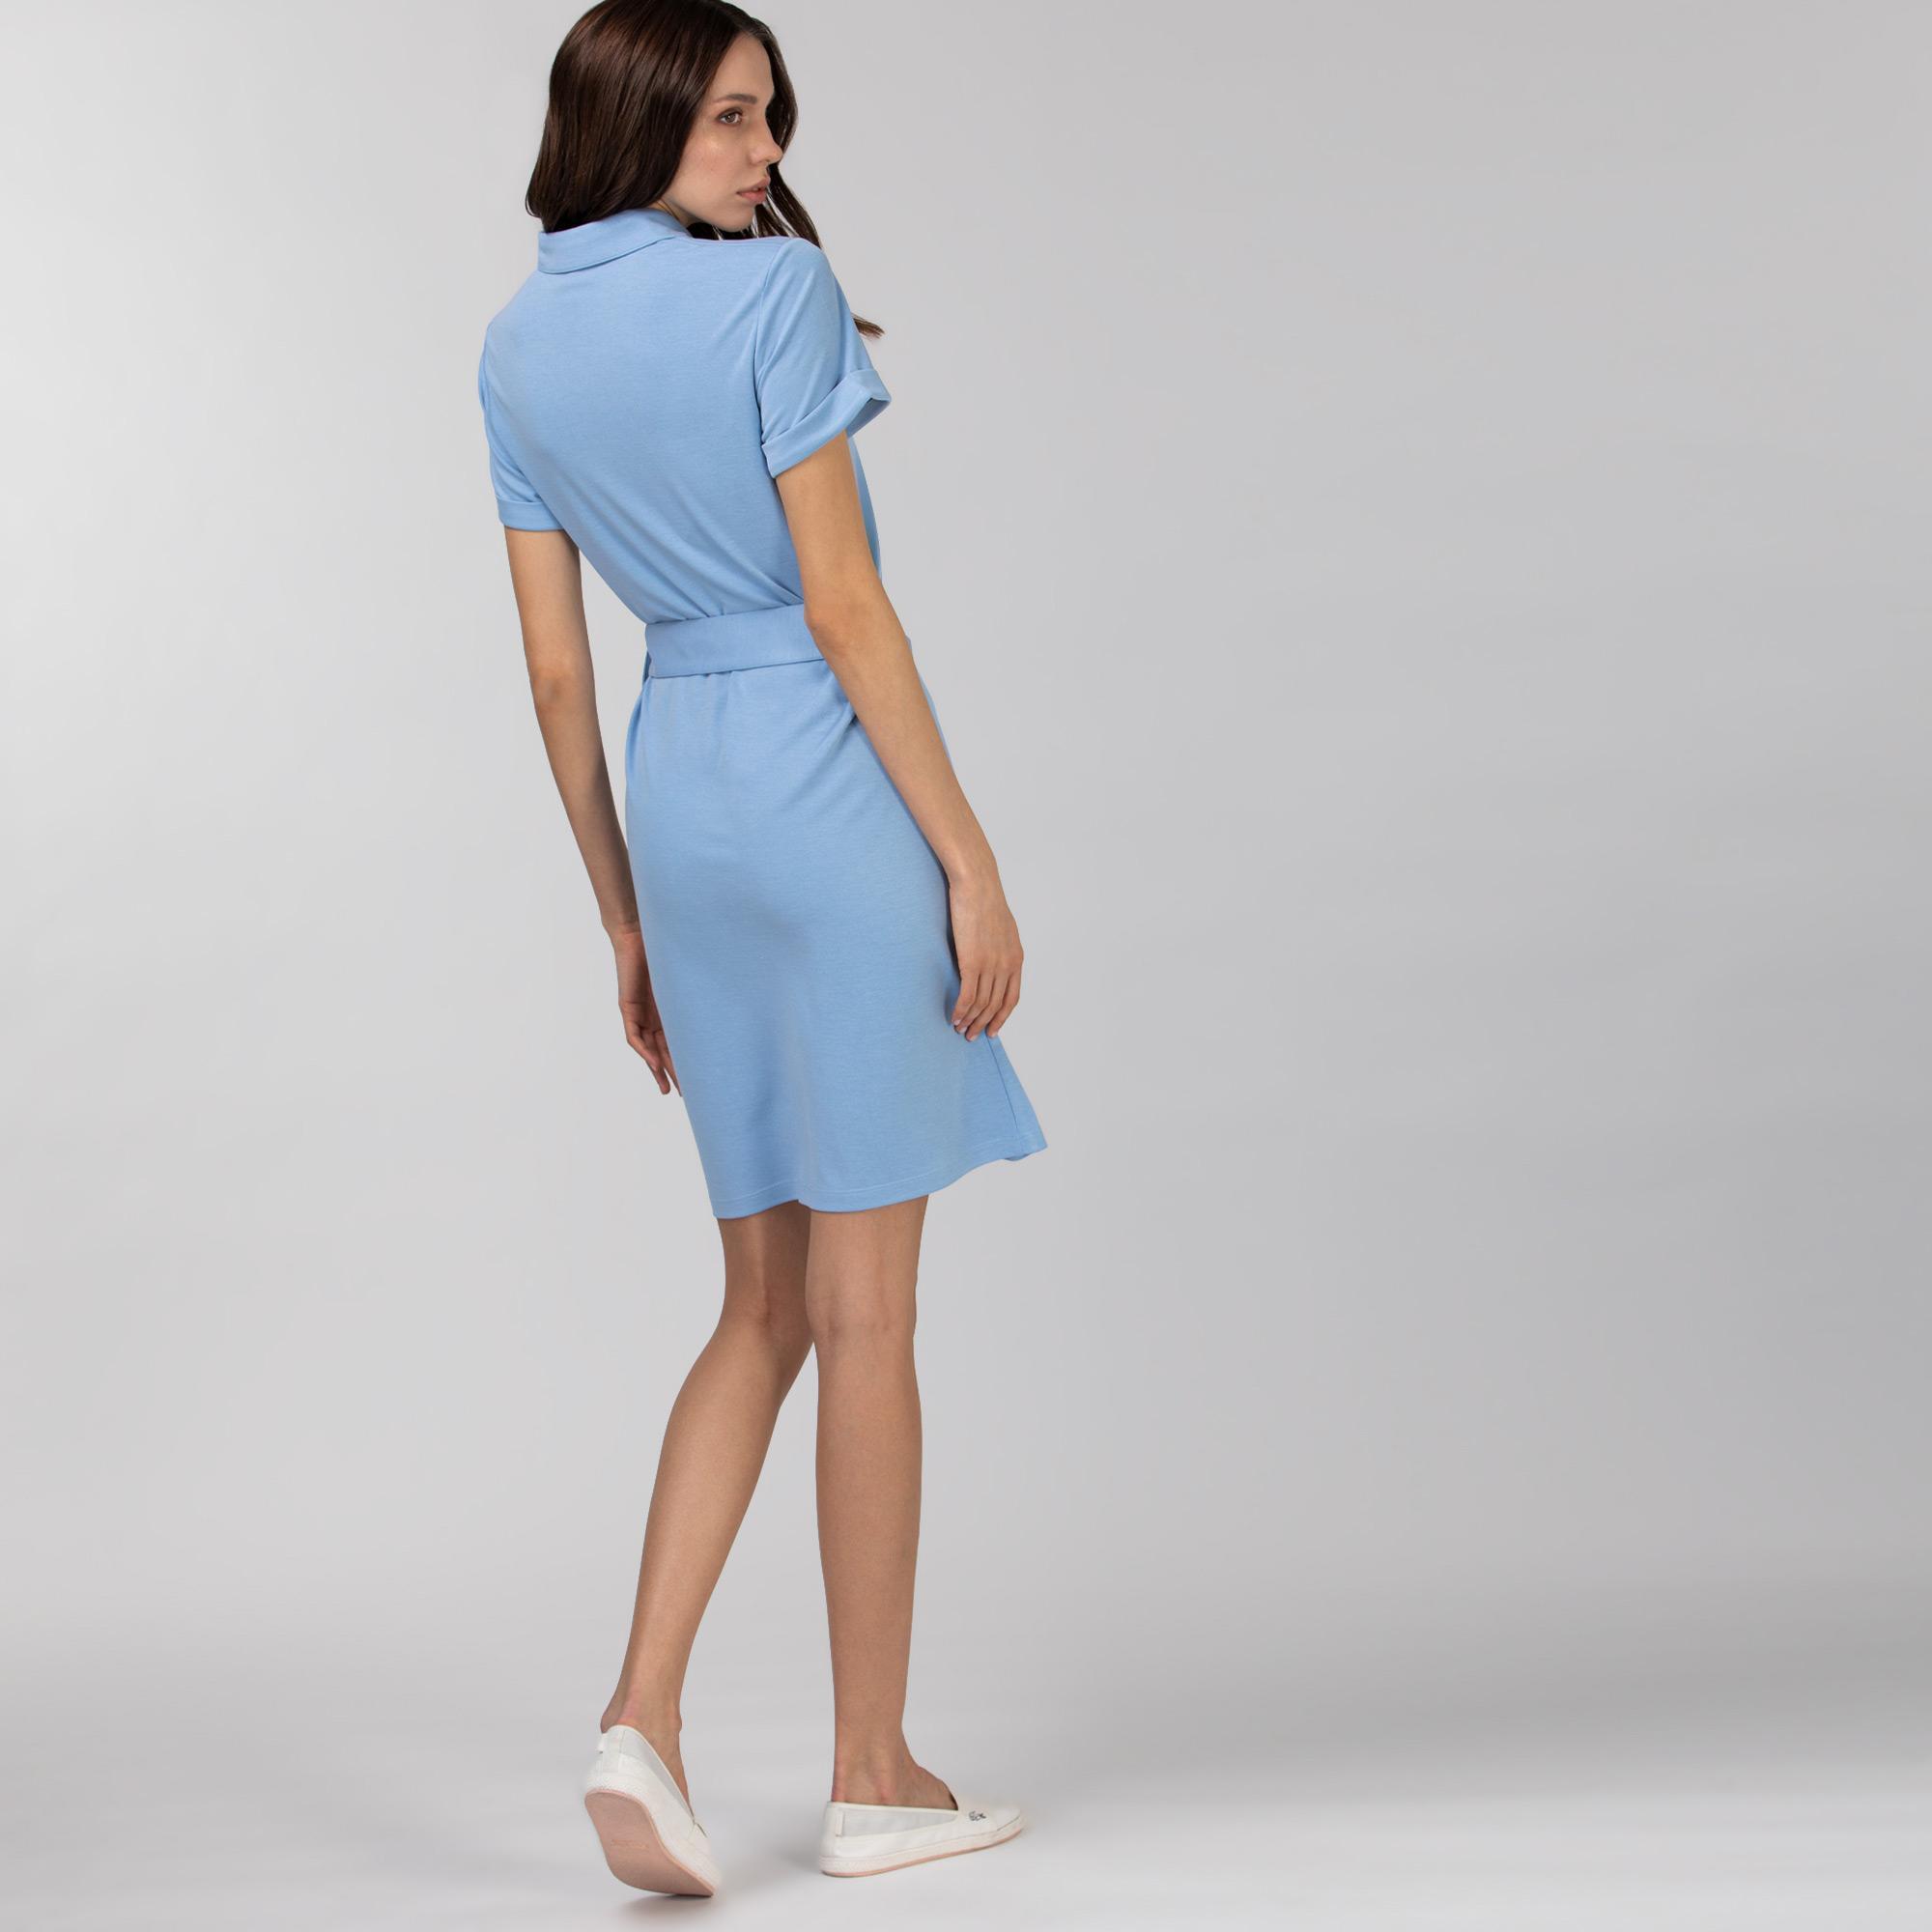 Lacoste Kadın Kısa Kollu Gömlek Yaka Açık Mavi Elbise